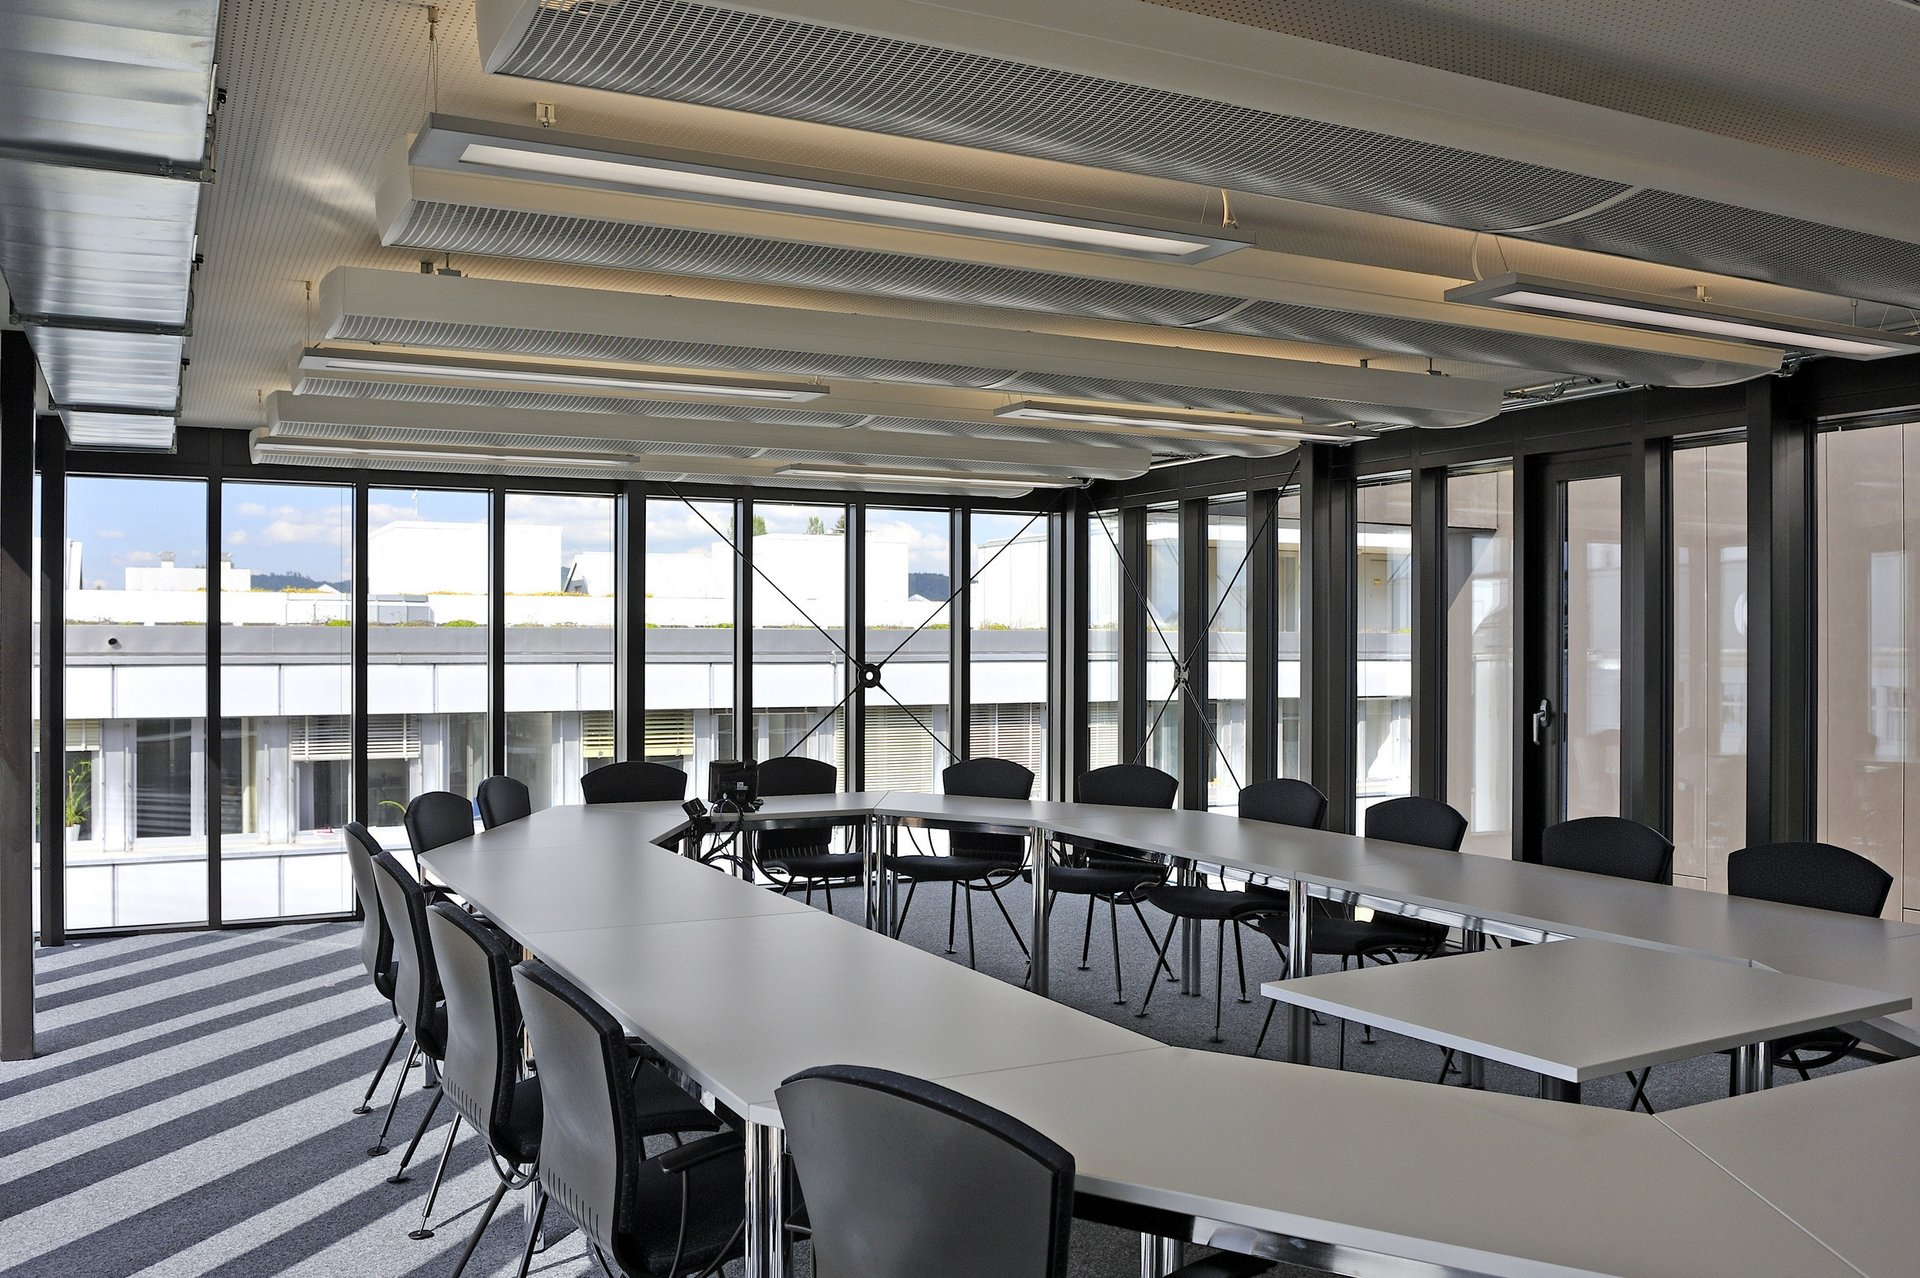 Besprechungszimmer mit Fensterfront in modernem Design